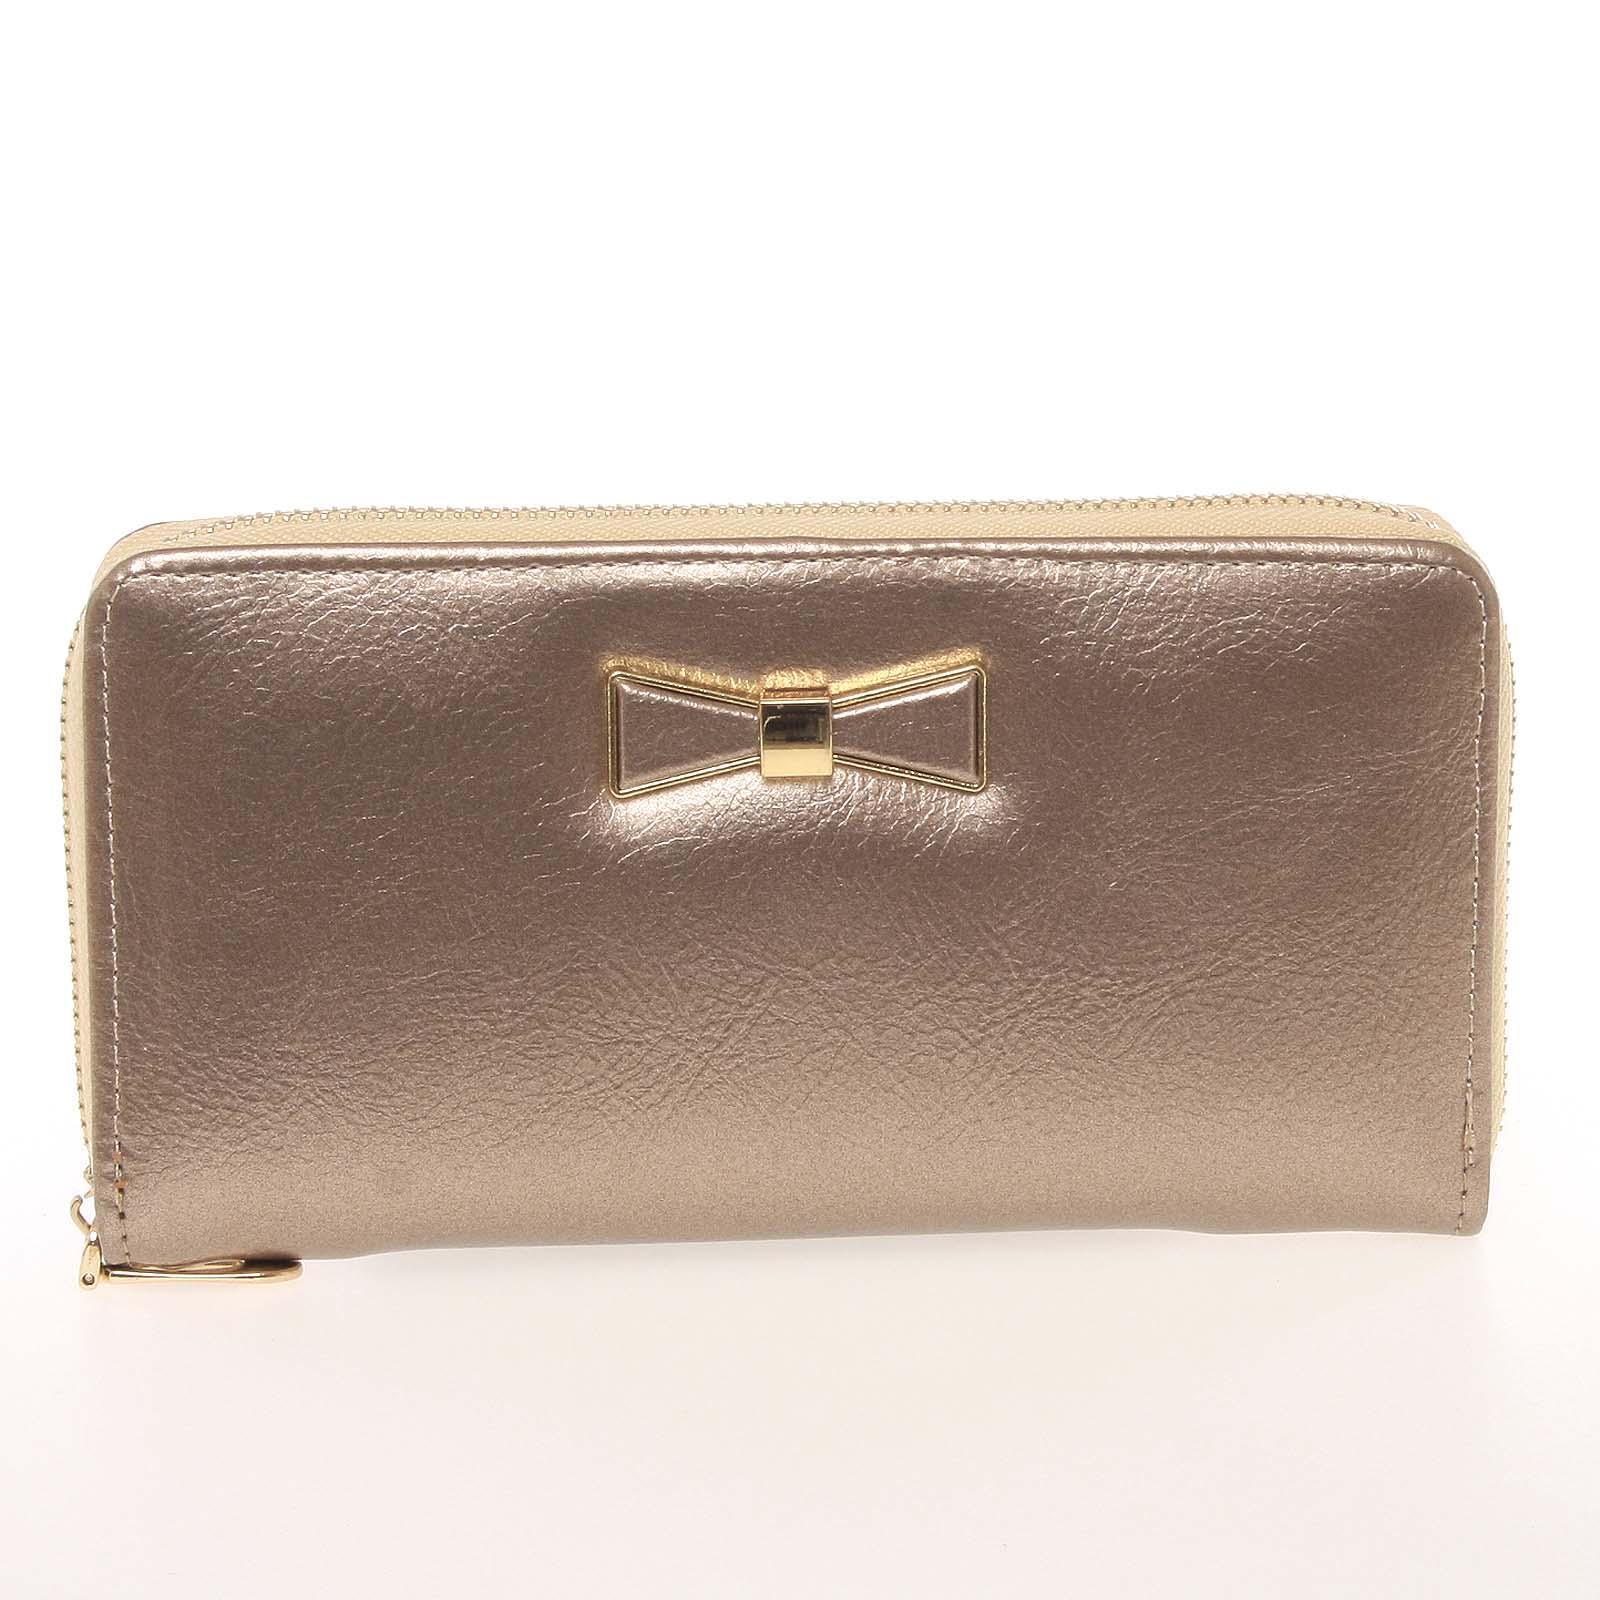 Moderní dámská peněženka s poutkem zlatá - Milano Design SF1821